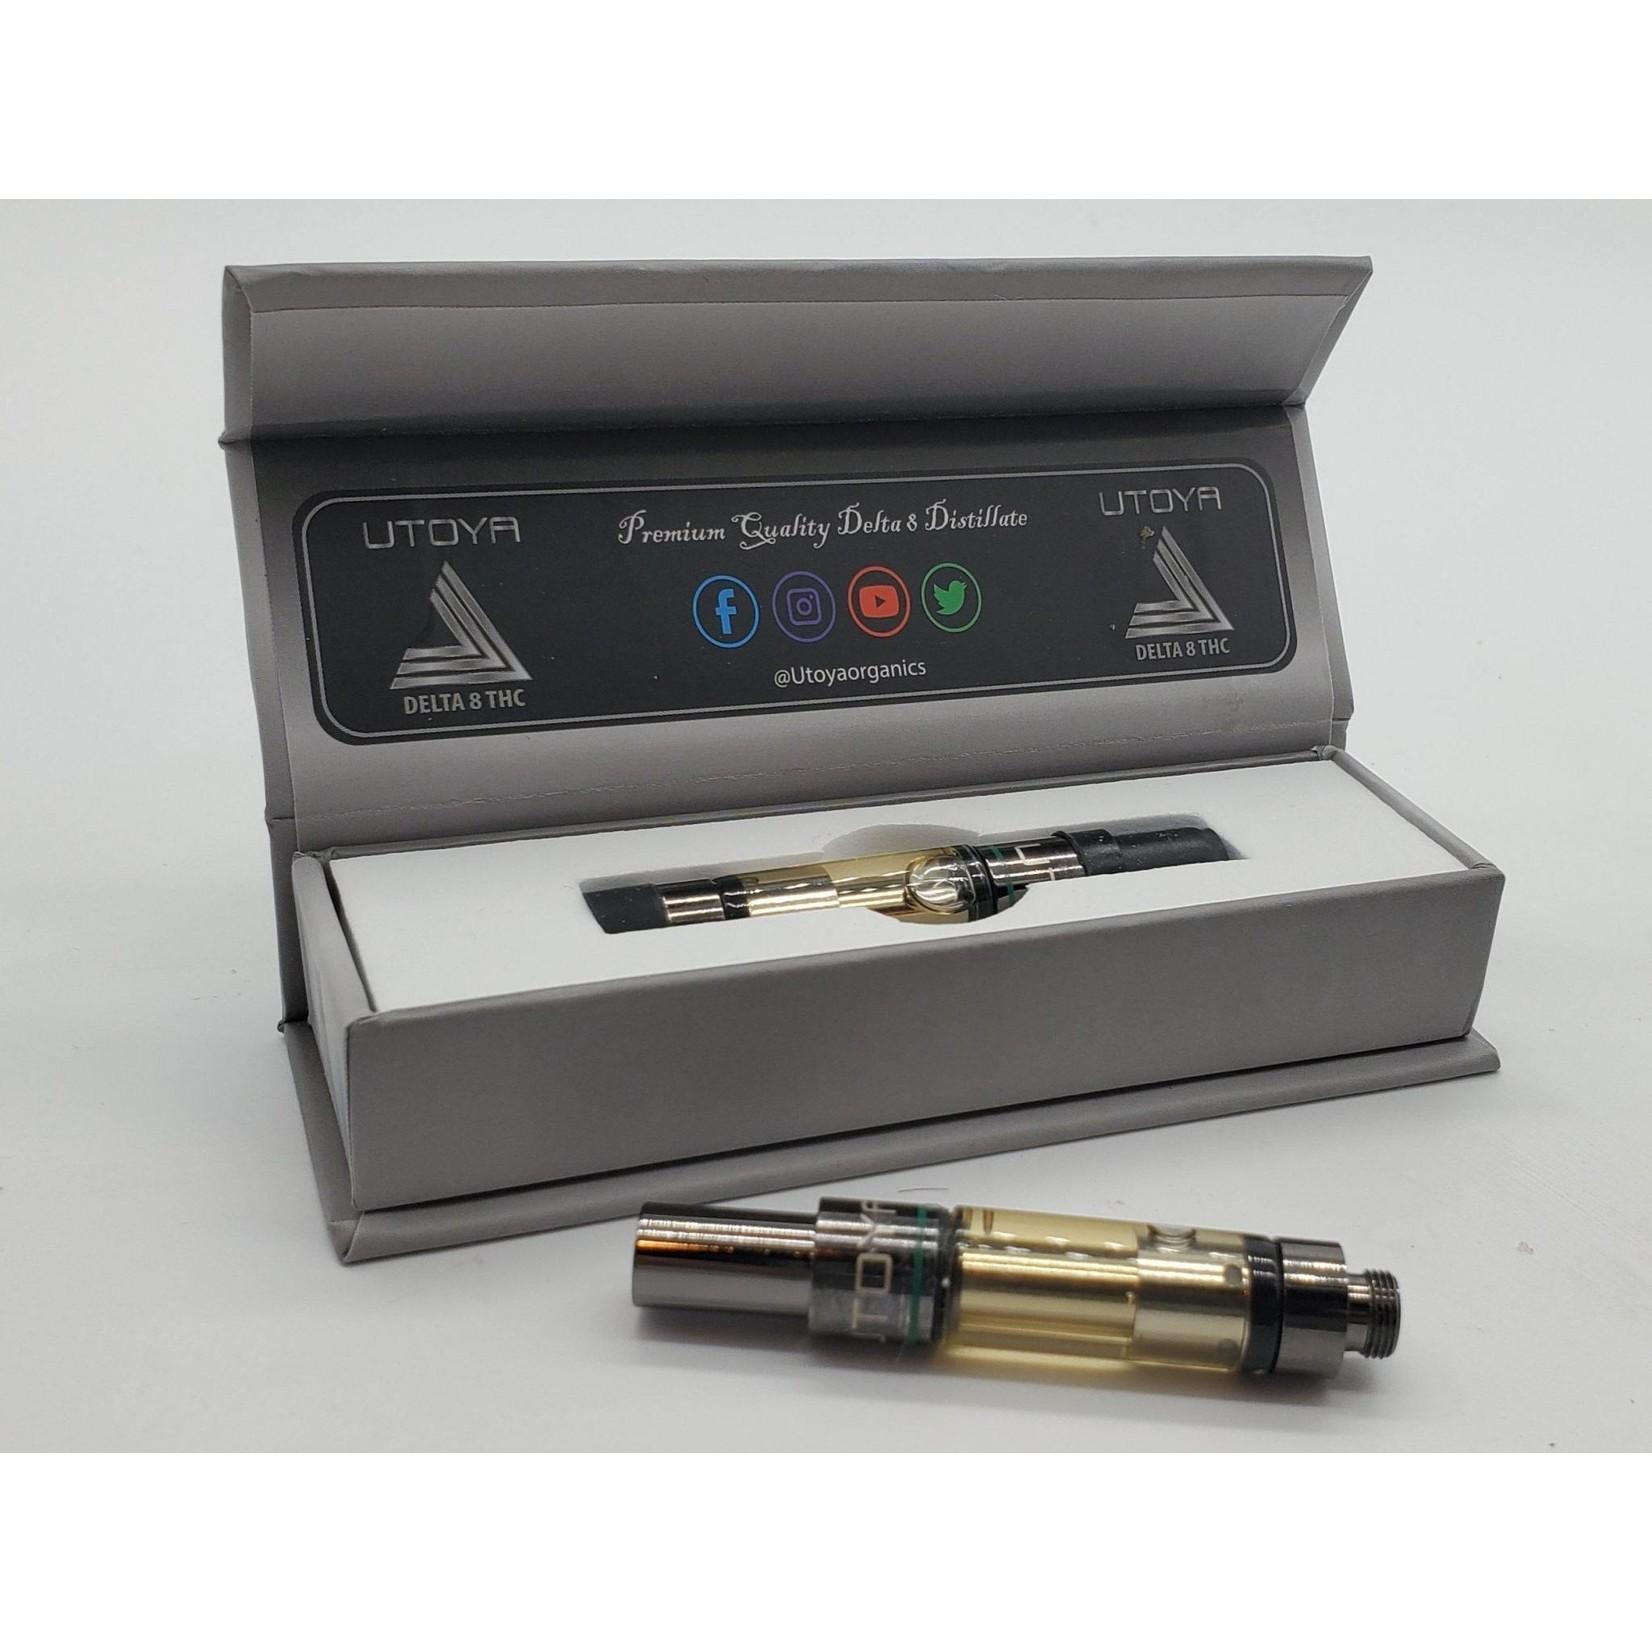 Utoya Delta 8 Cartridge Hybrid Artisan Blend